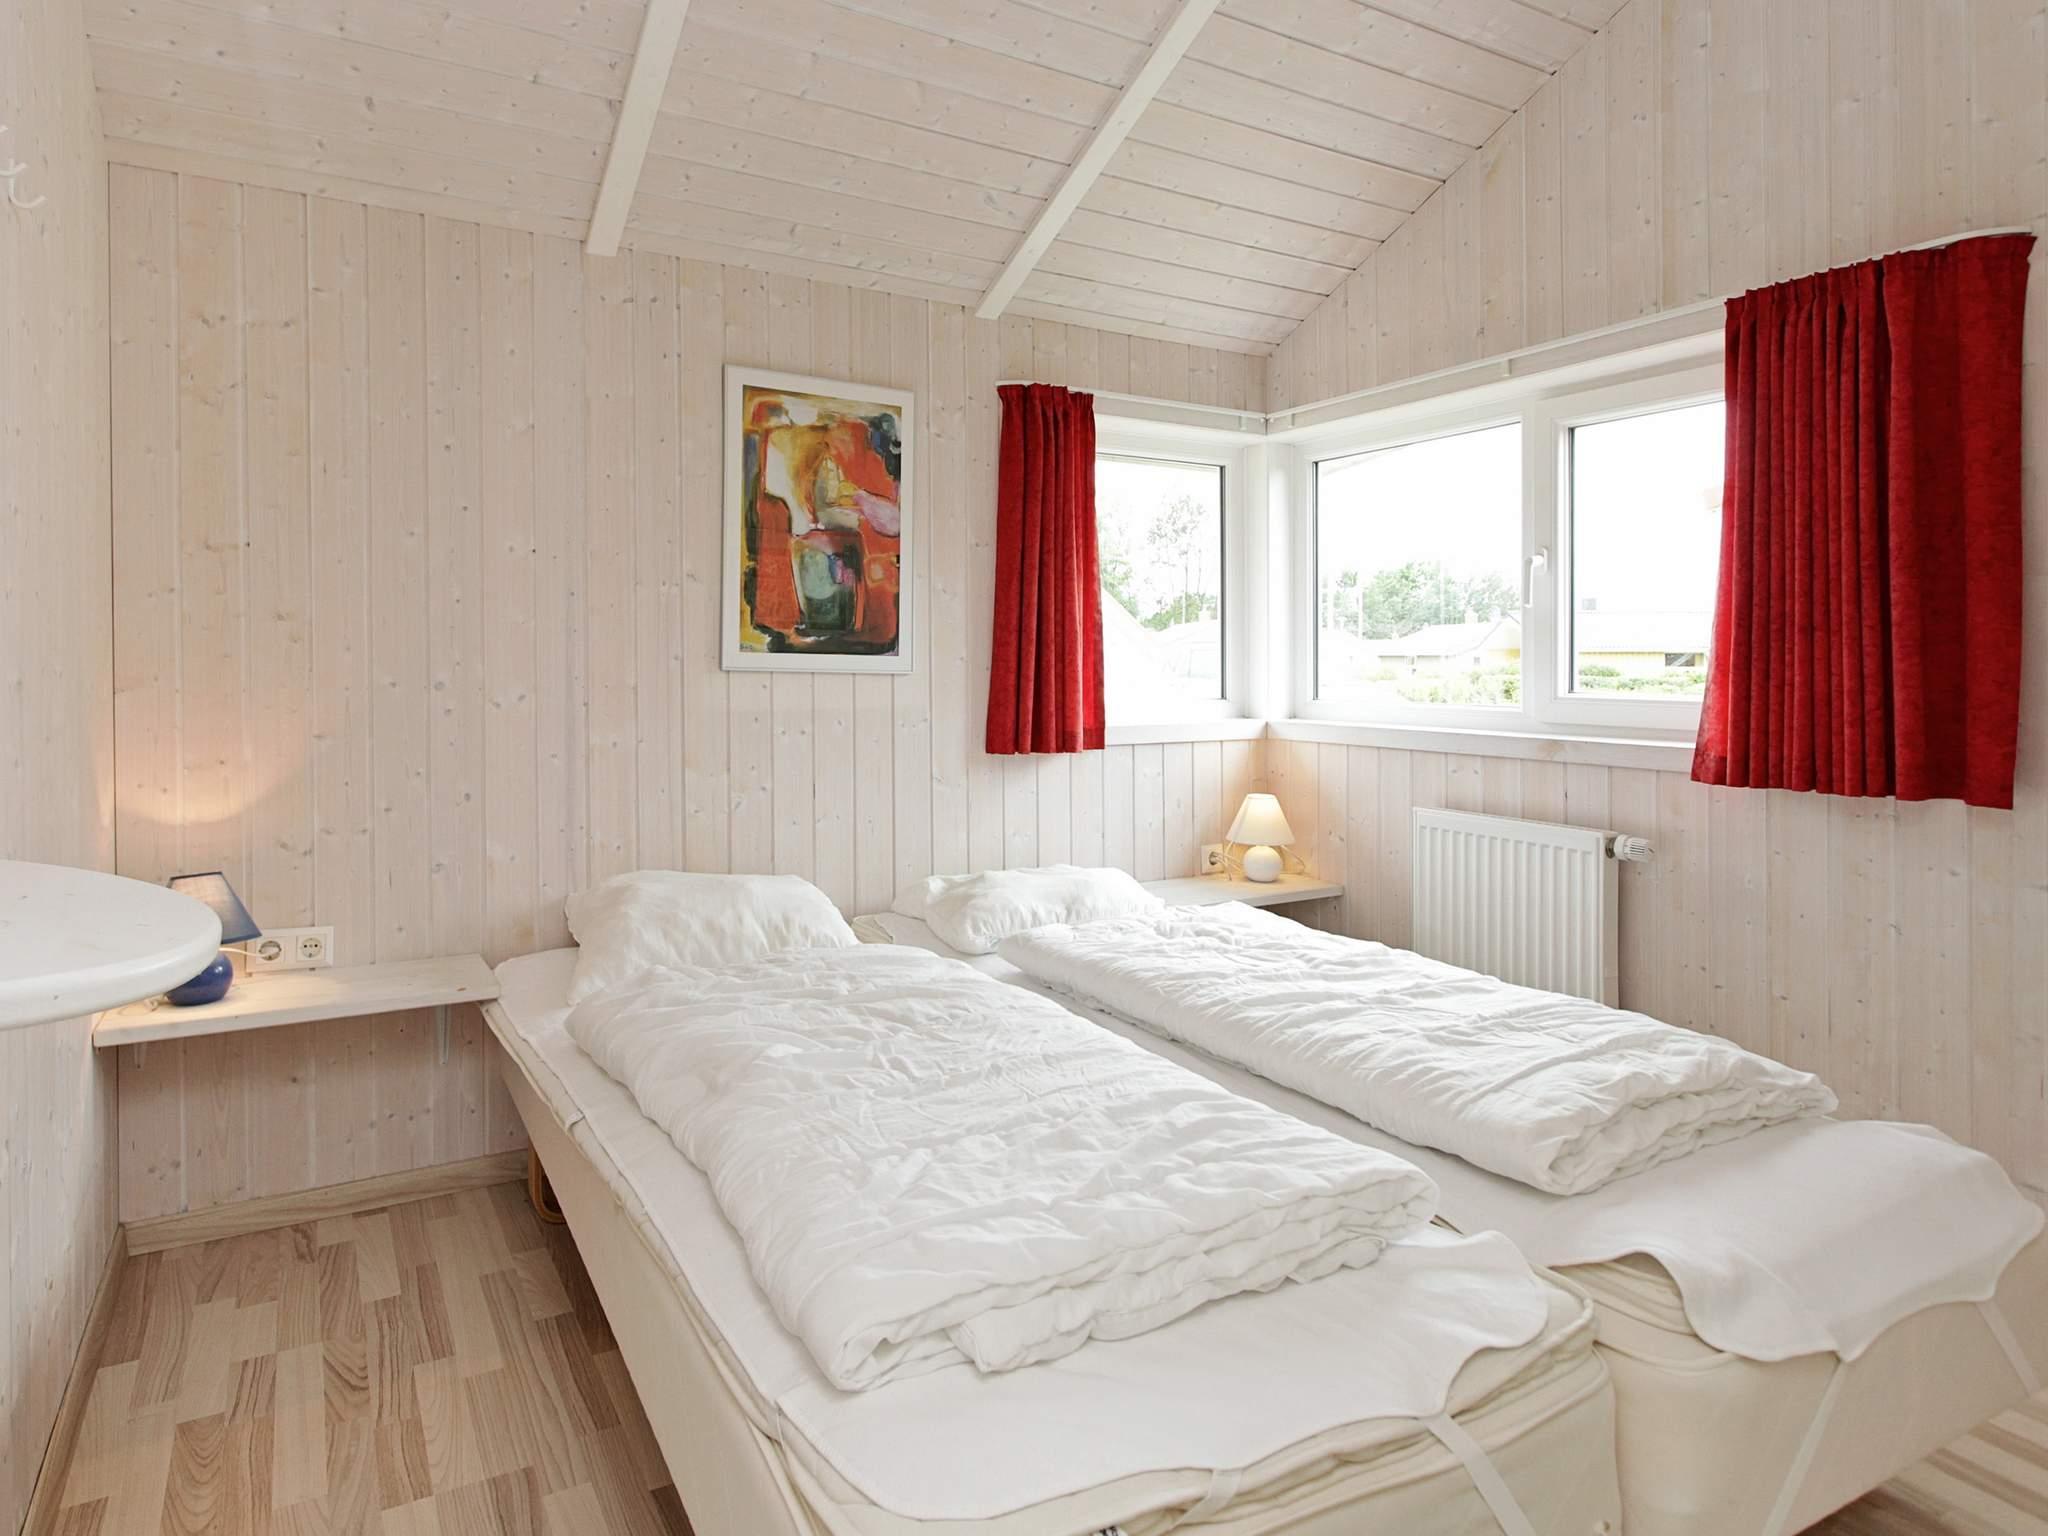 Maison de vacances Grömitz (259537), Grömitz, Baie de Lübeck, Schleswig-Holstein, Allemagne, image 7